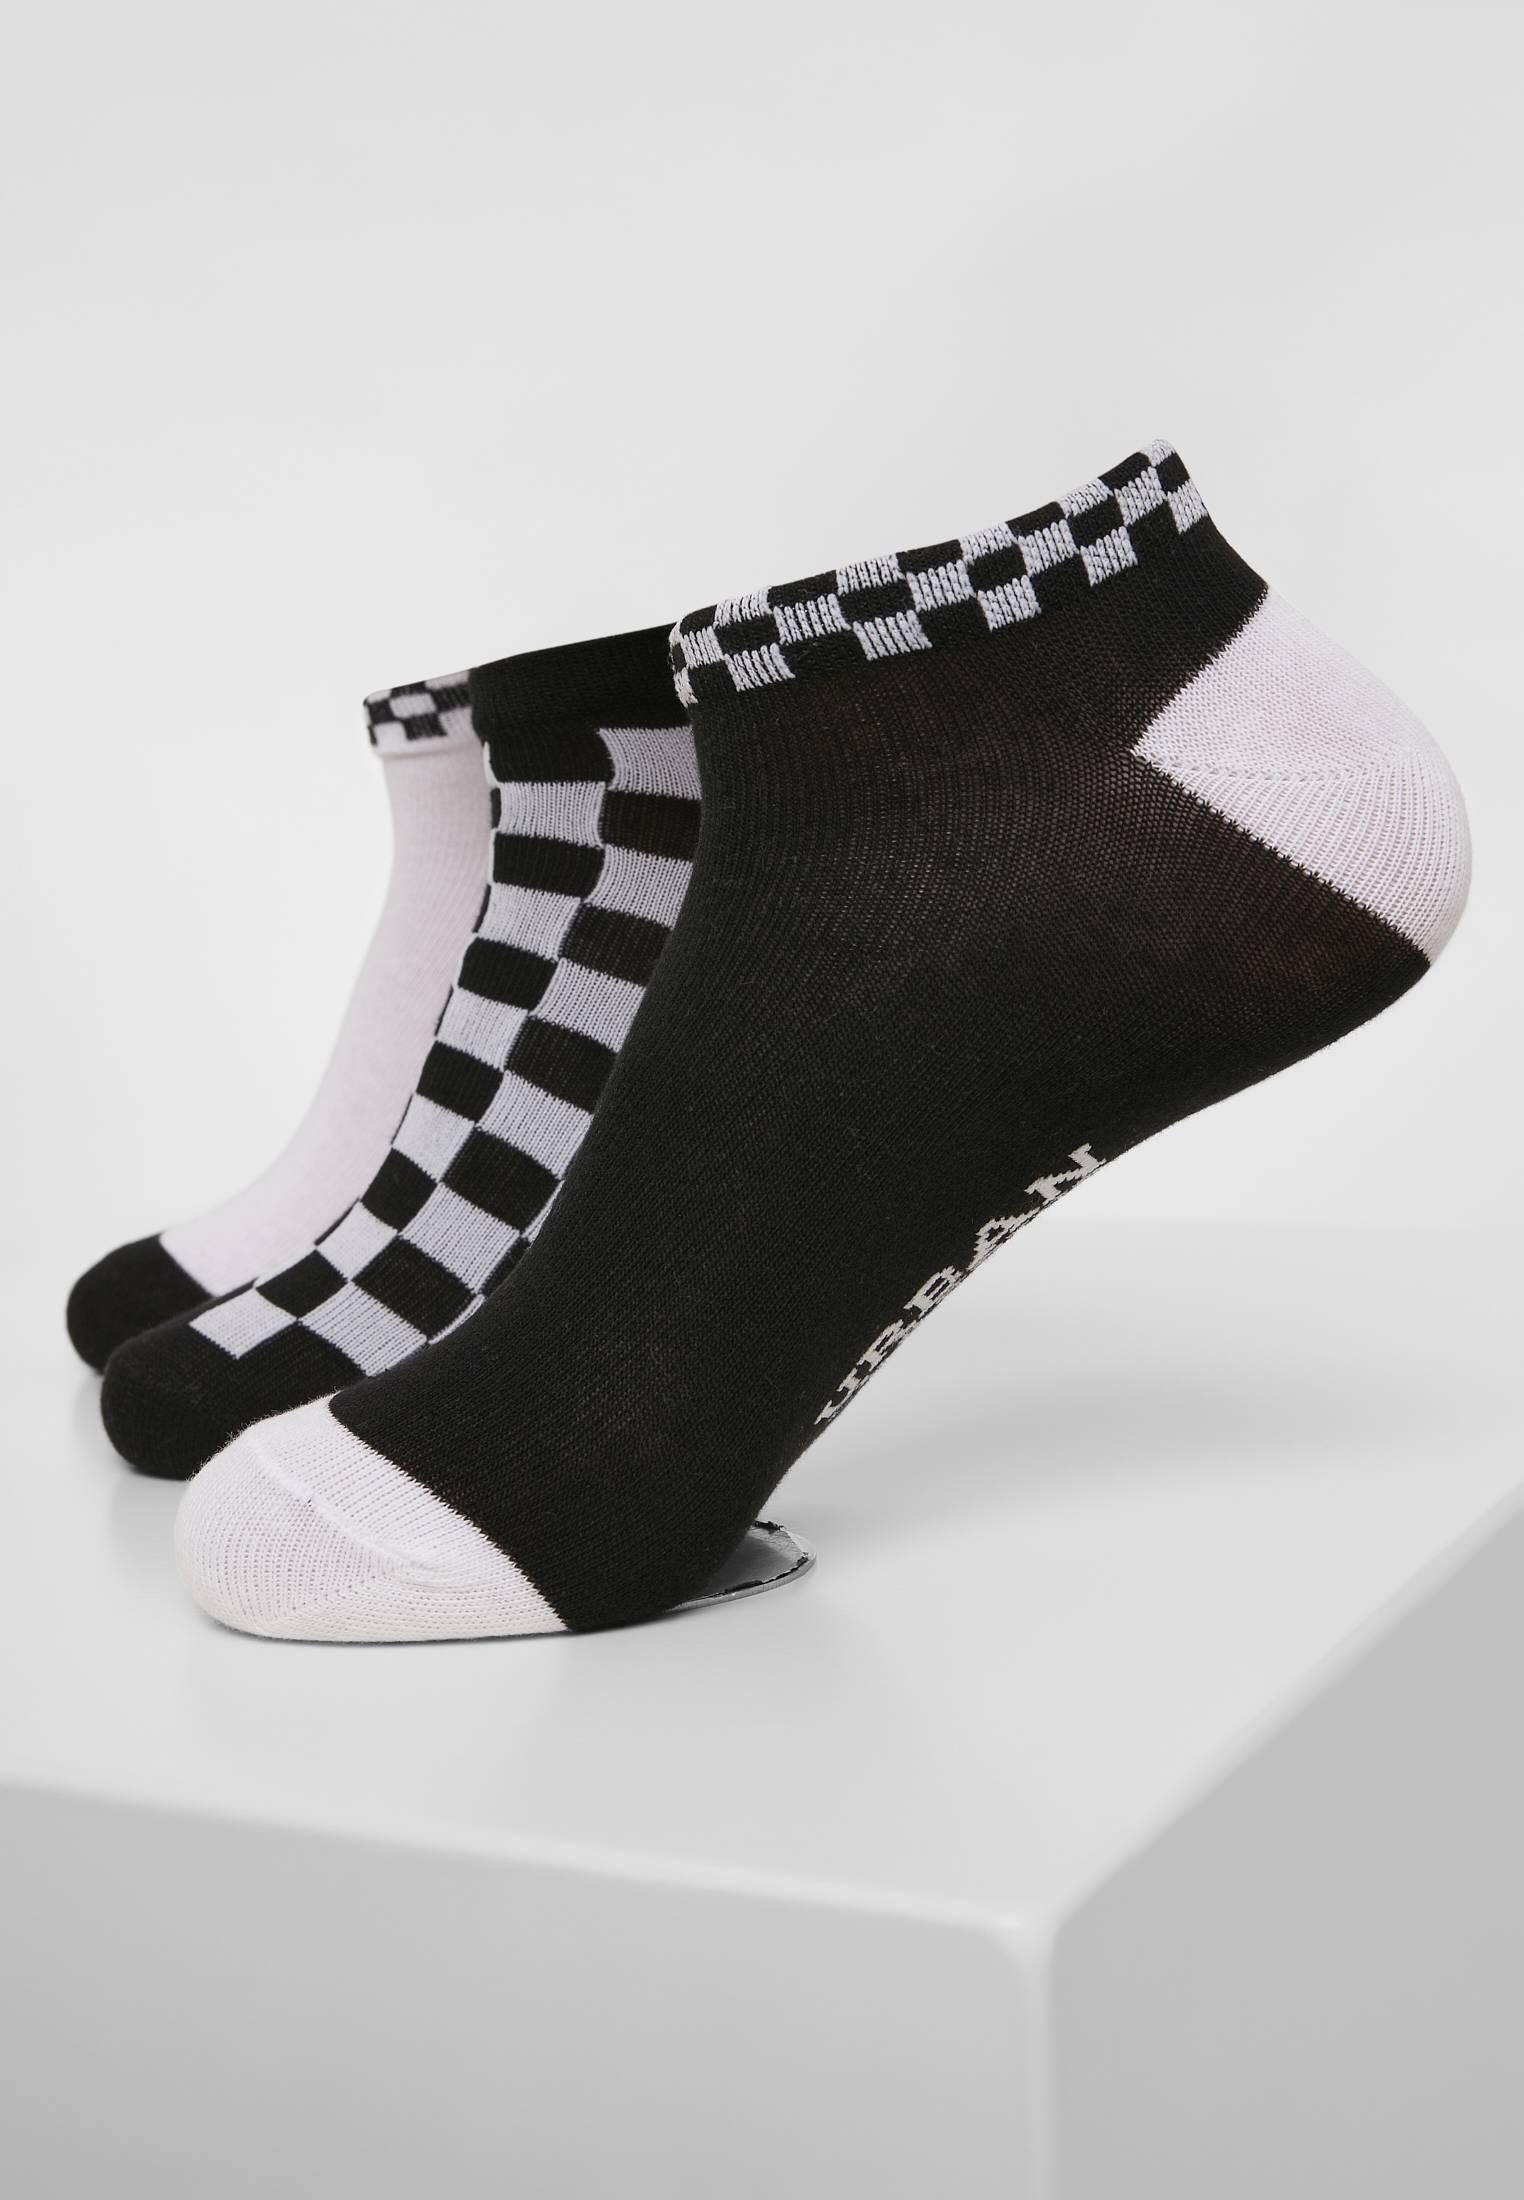 Urban Classics Sneaker Socks Checks 3-Pack black/white - 47-50